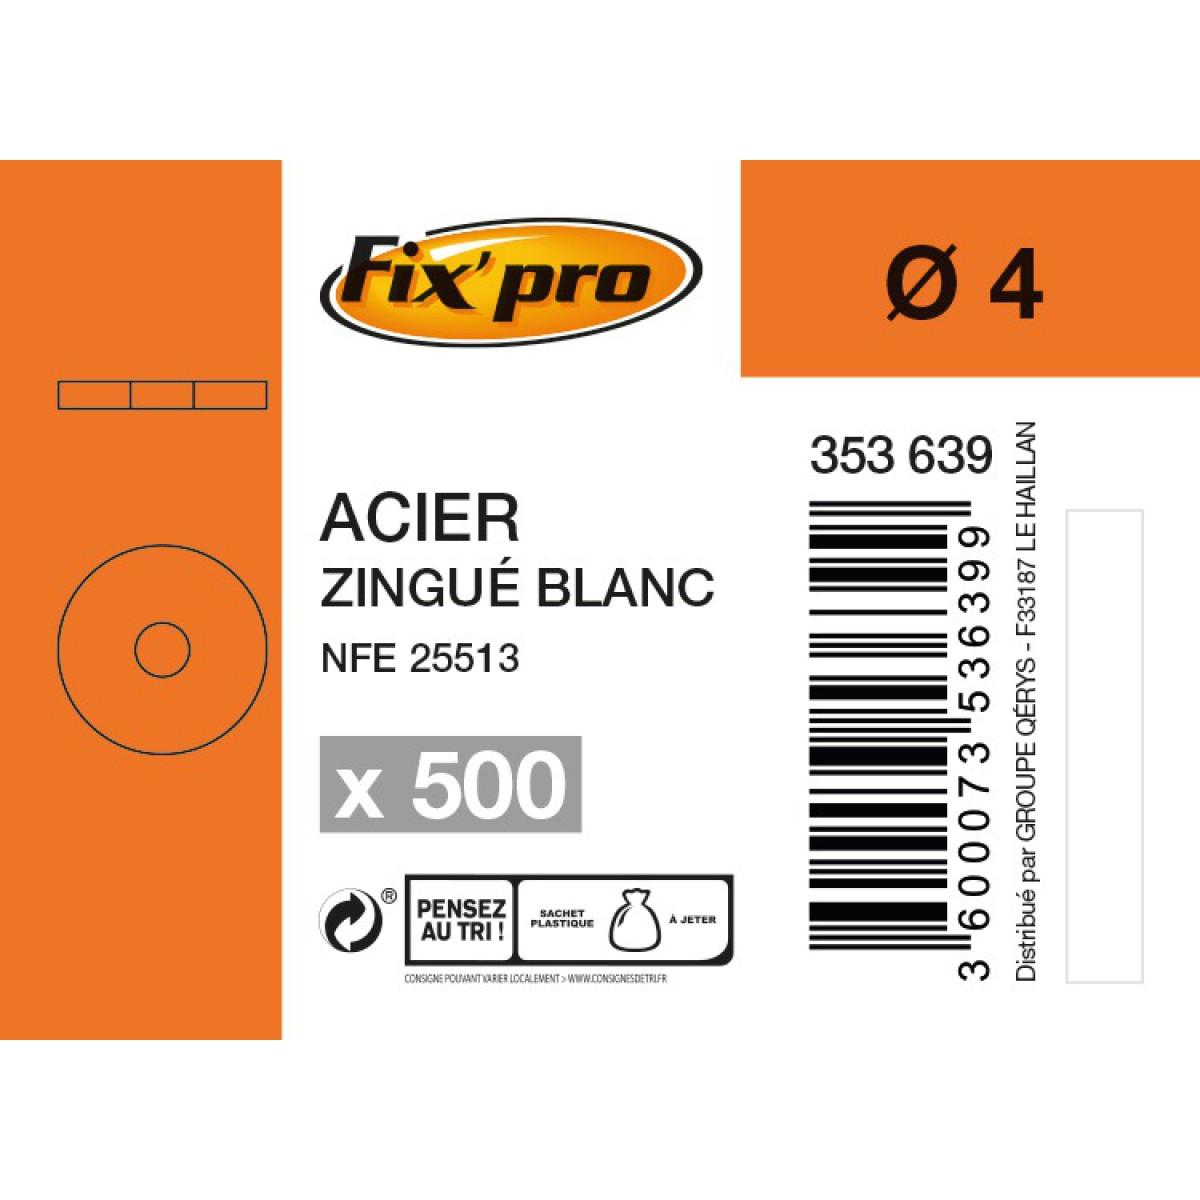 Rondelle carrossier acier zingué - Ø4mm - 500pces - Fixpro